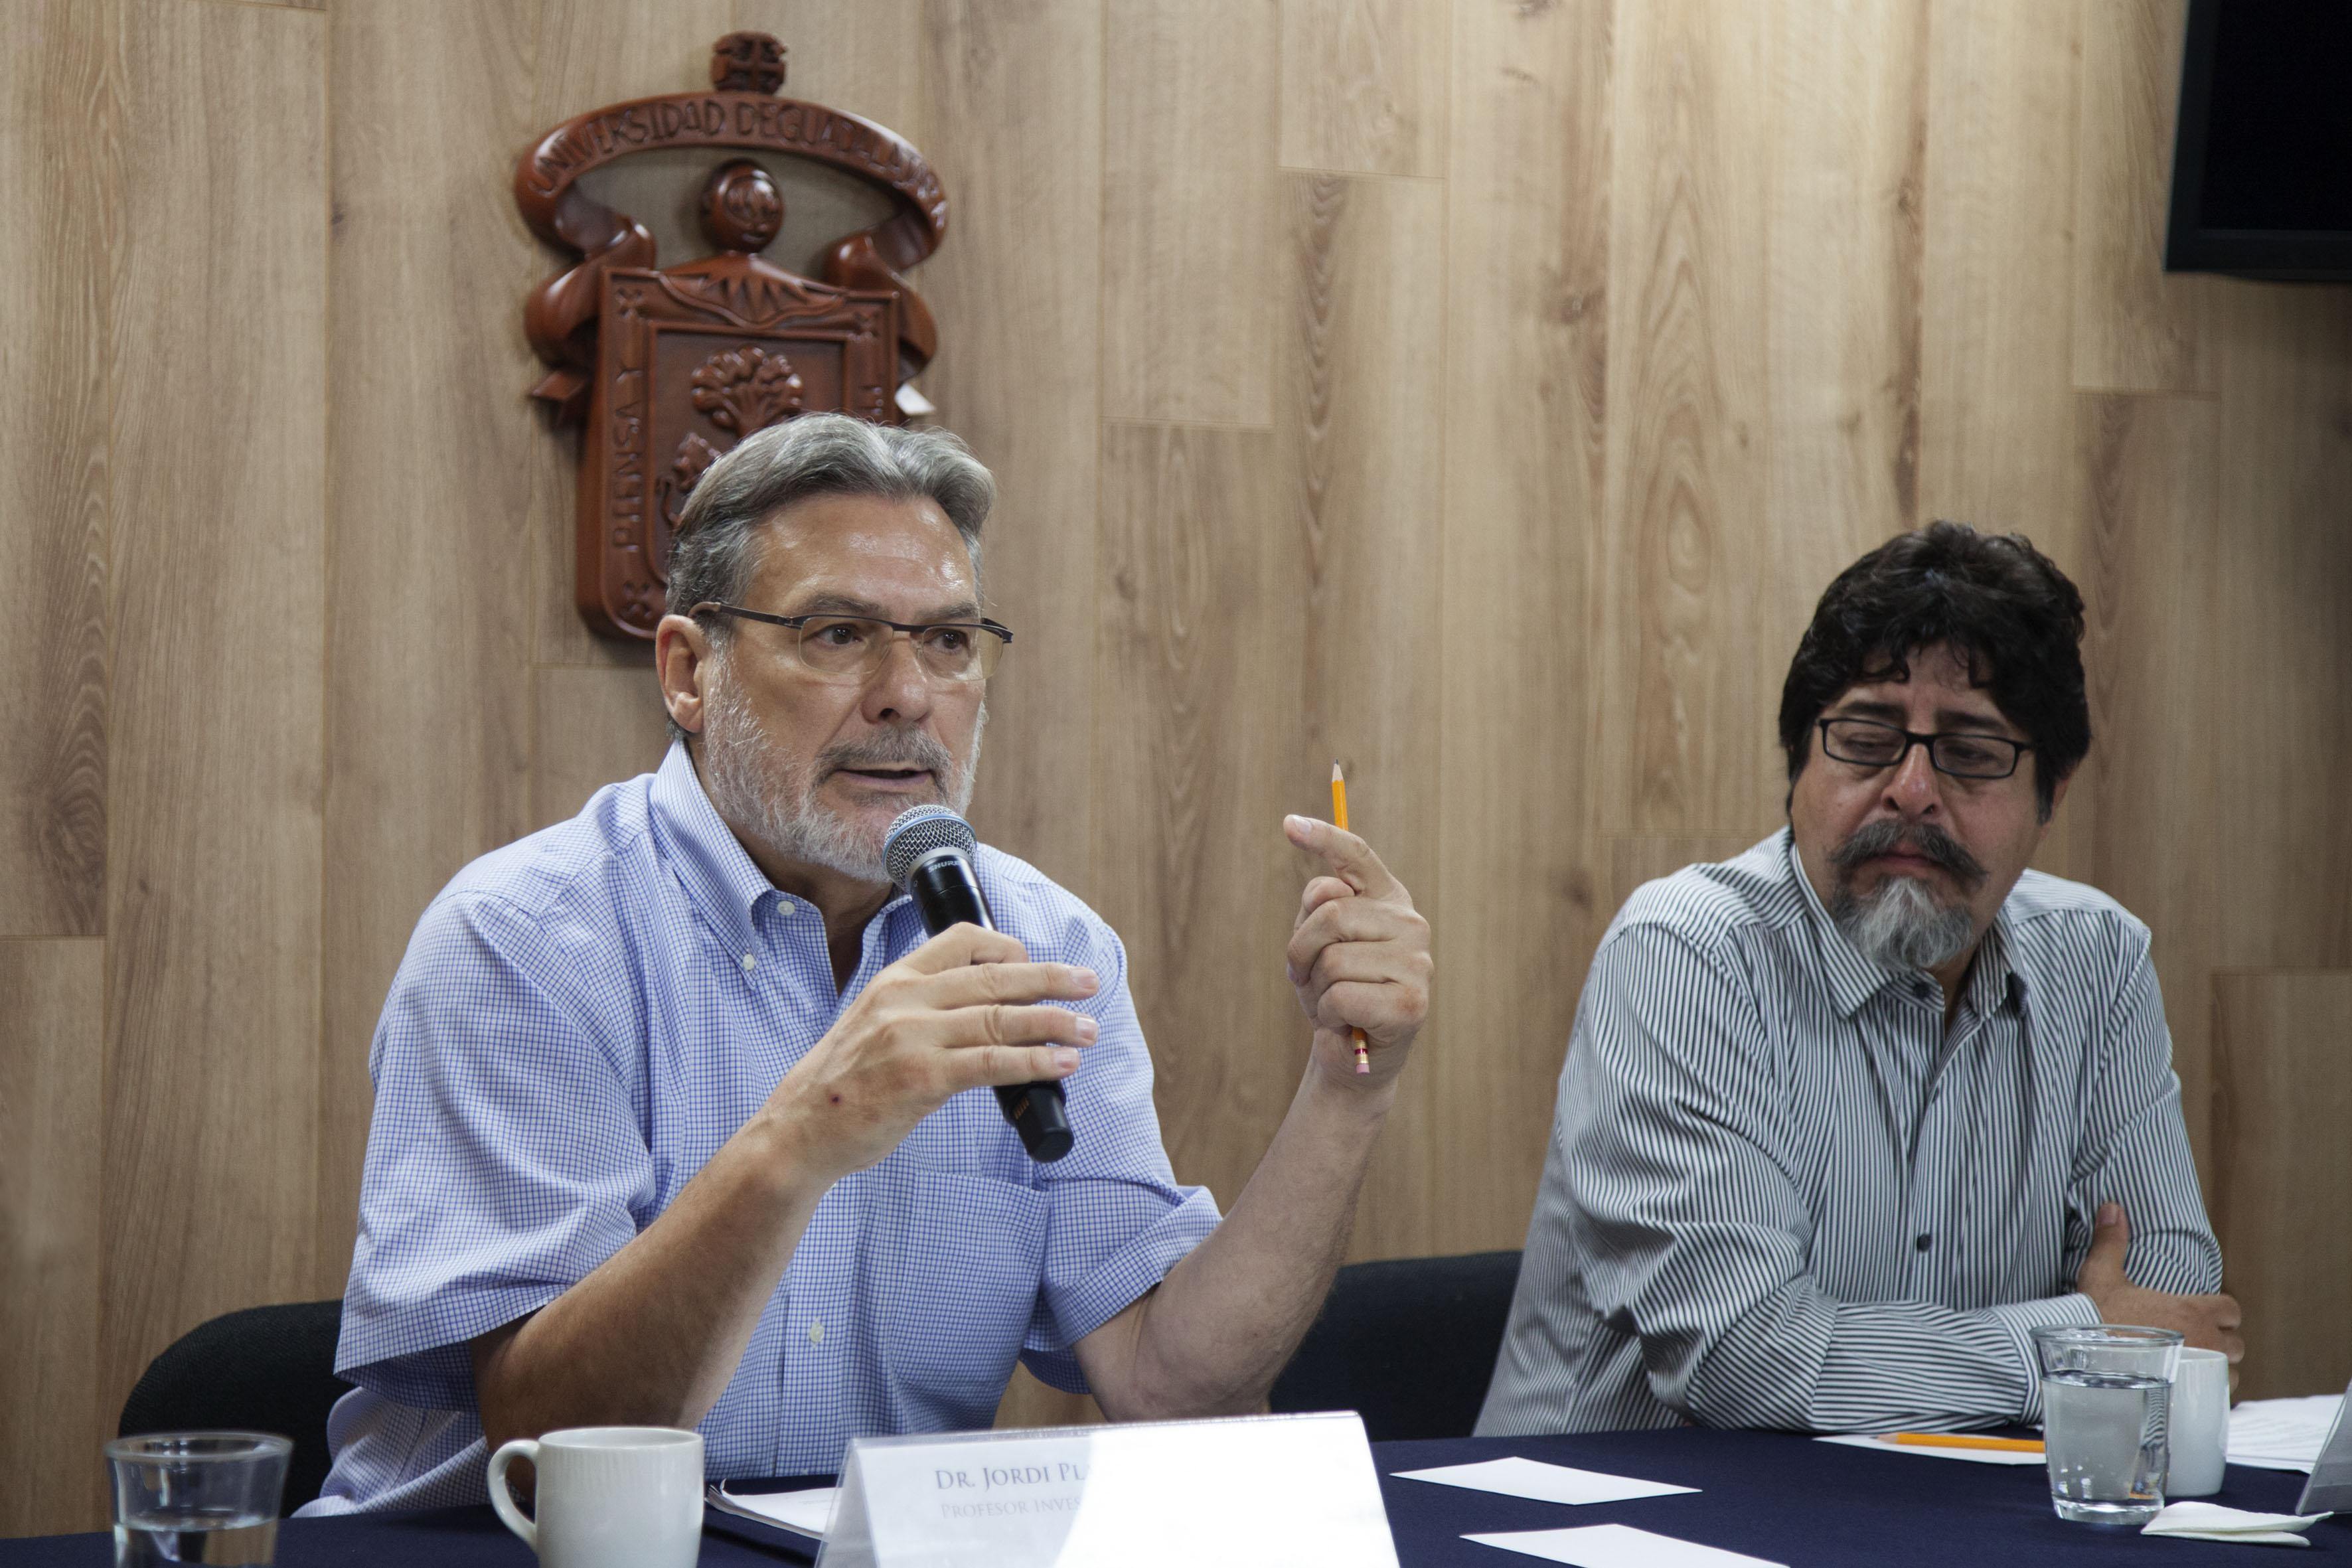 Doctor Jordi Plans Coll, profesor e investigador del Centro Universitario de Ciencias Económico Administrativas (CUCEA), participando en rueda de prensa.